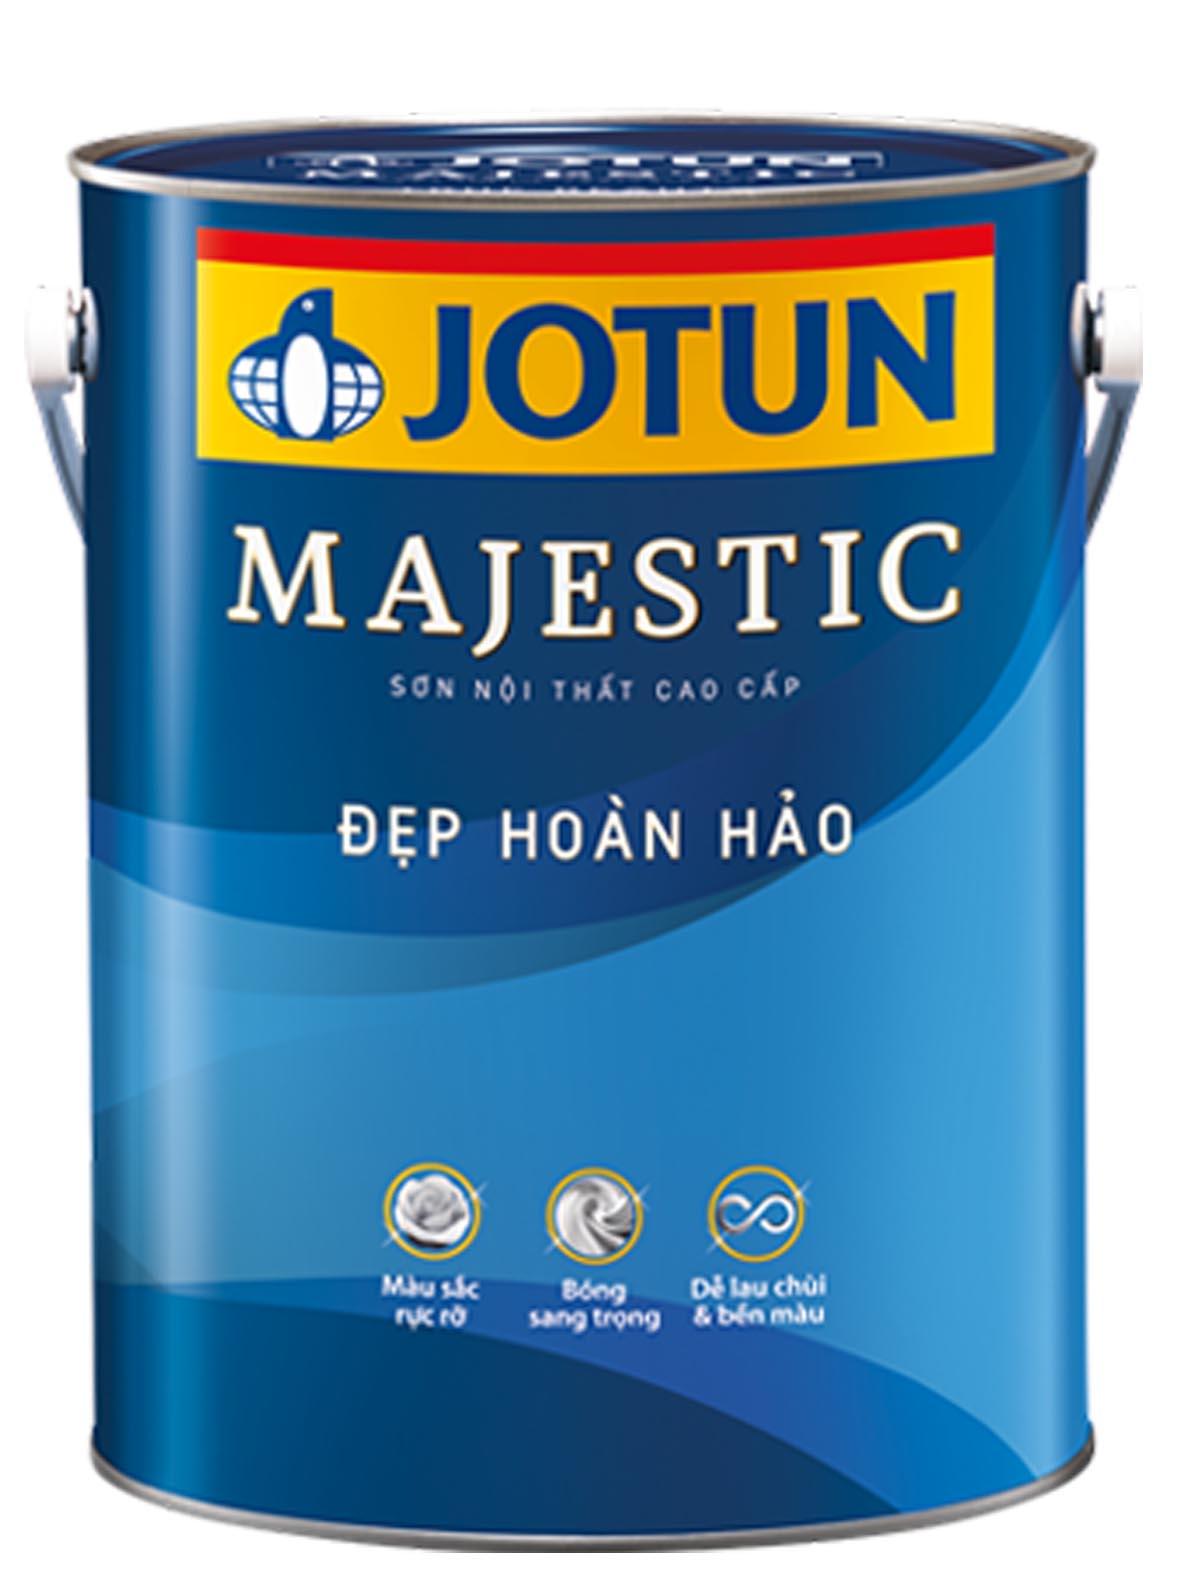 Sơn nội thất Jotun Majestic – Đẹp Hoàn Hảo (bóng)